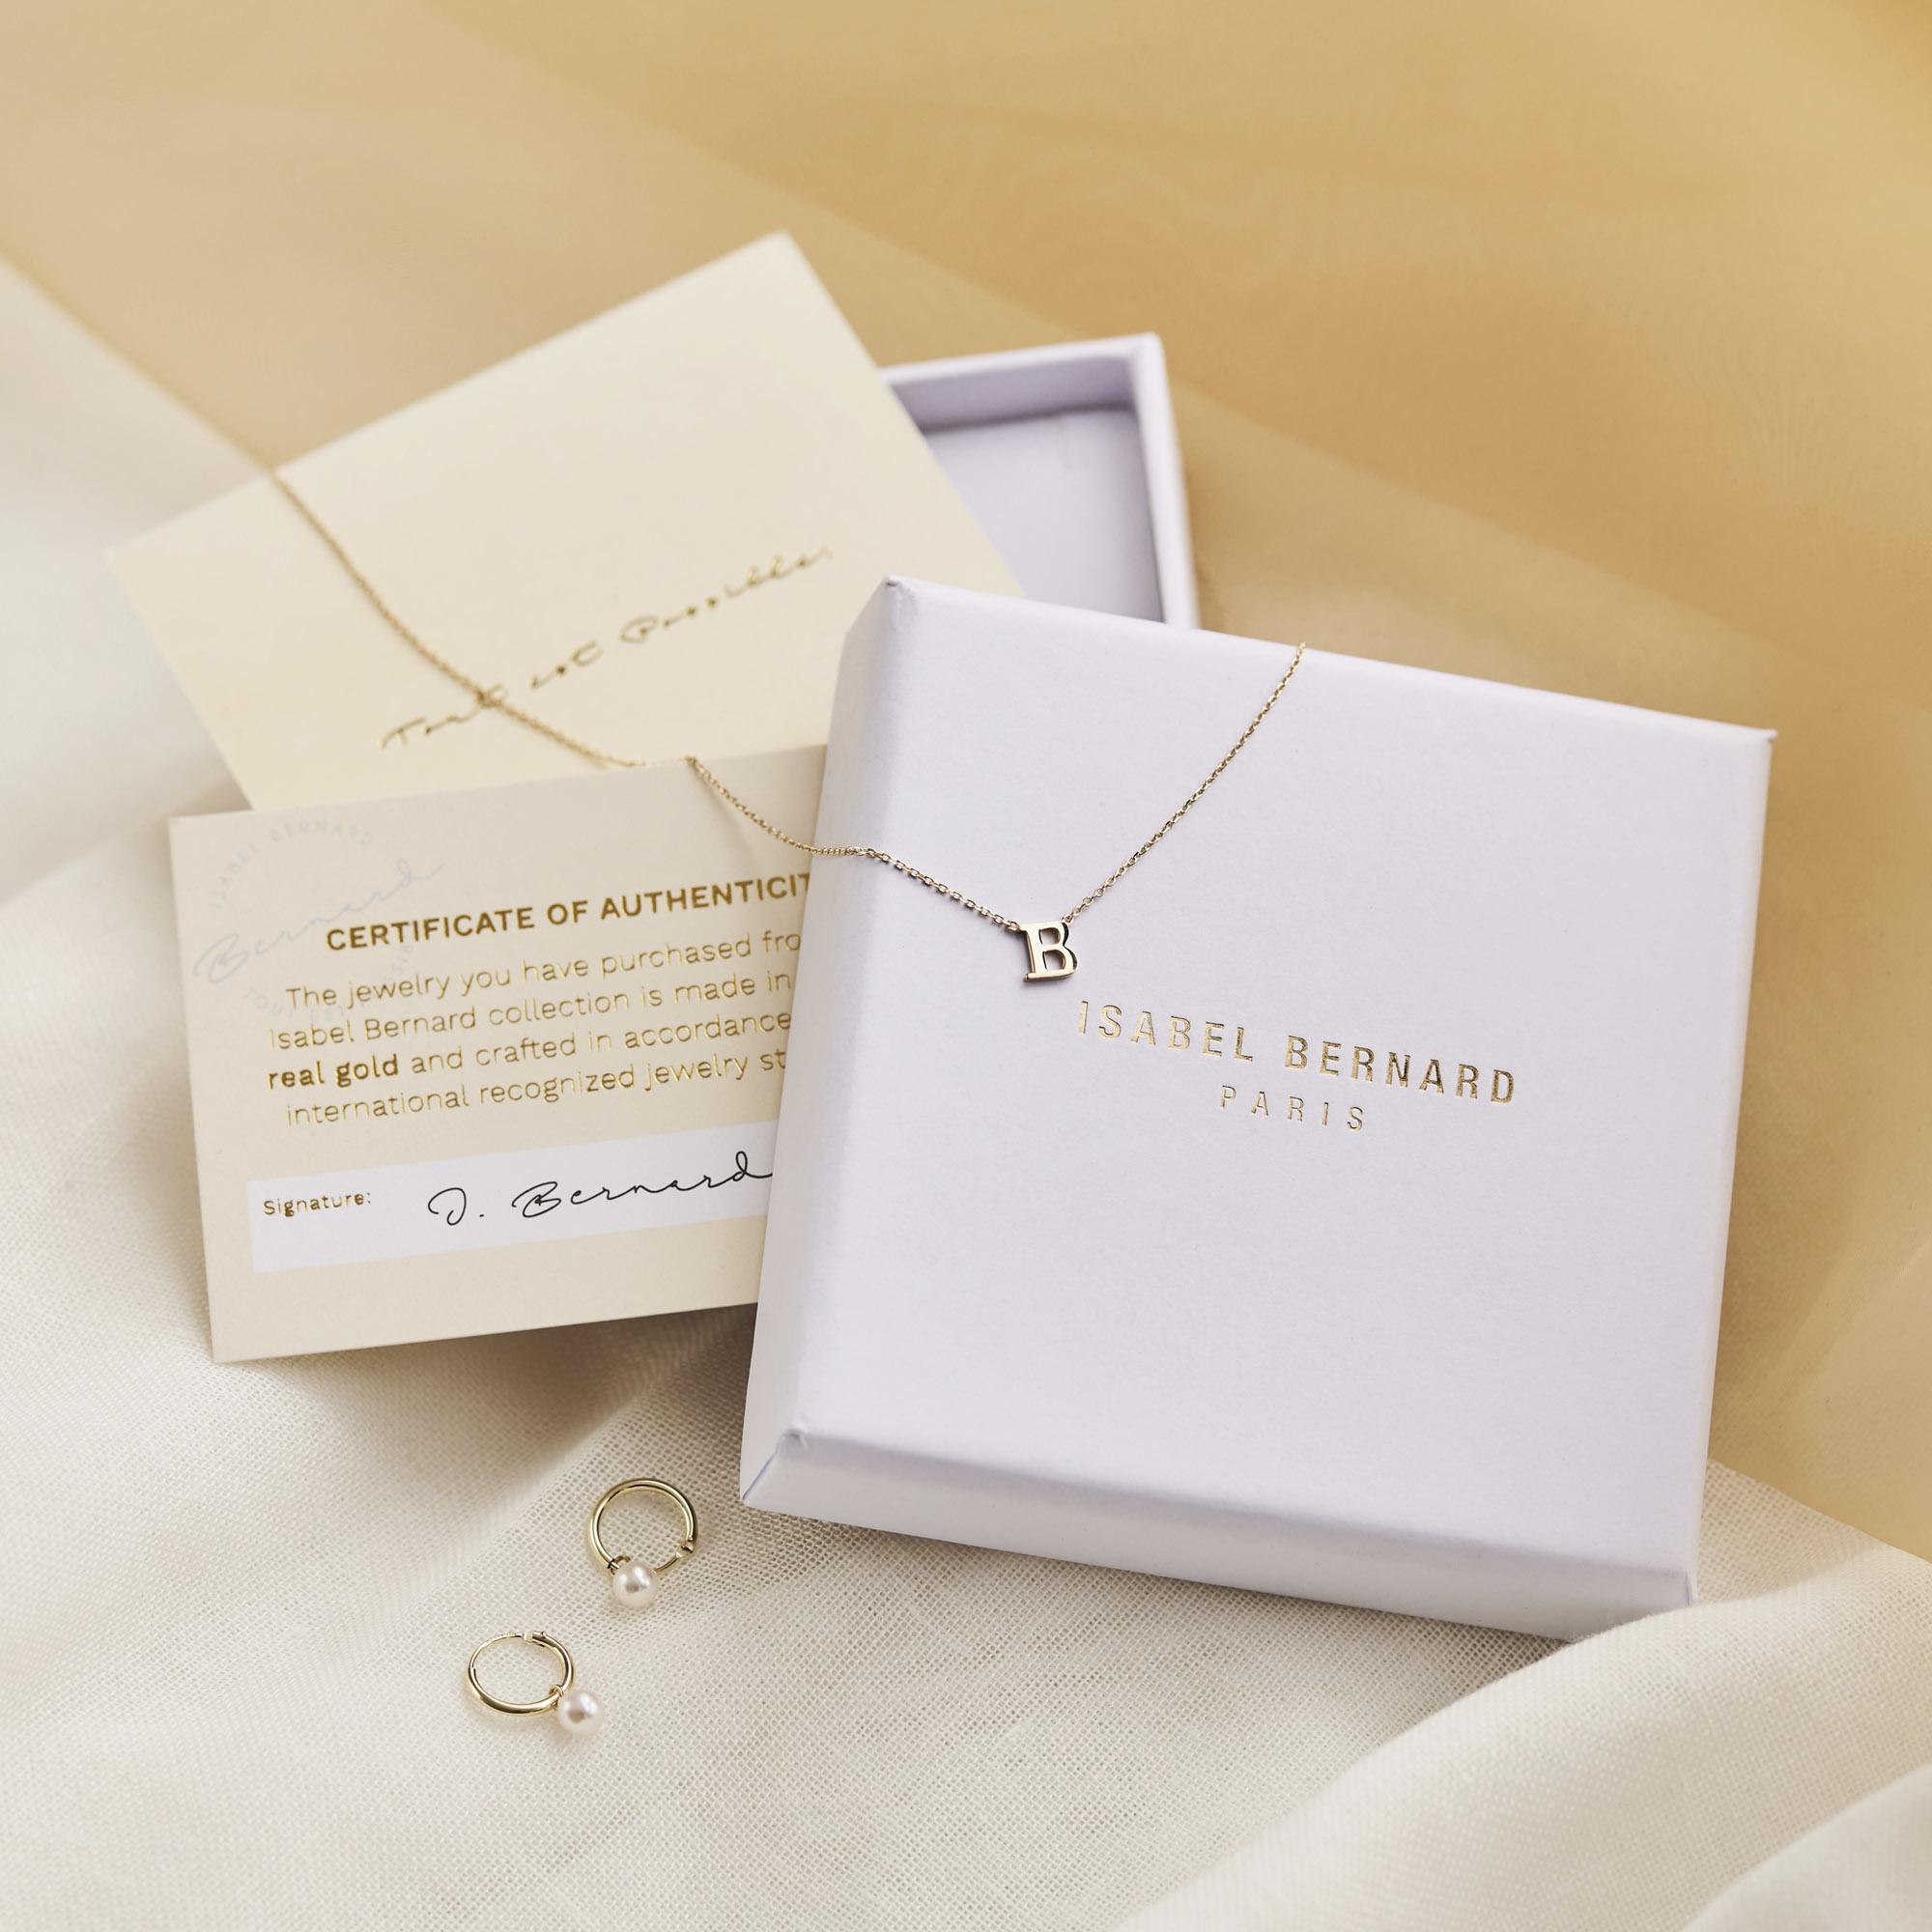 Isabel Bernard Belleville Amore 14 karat gold necklace with heart